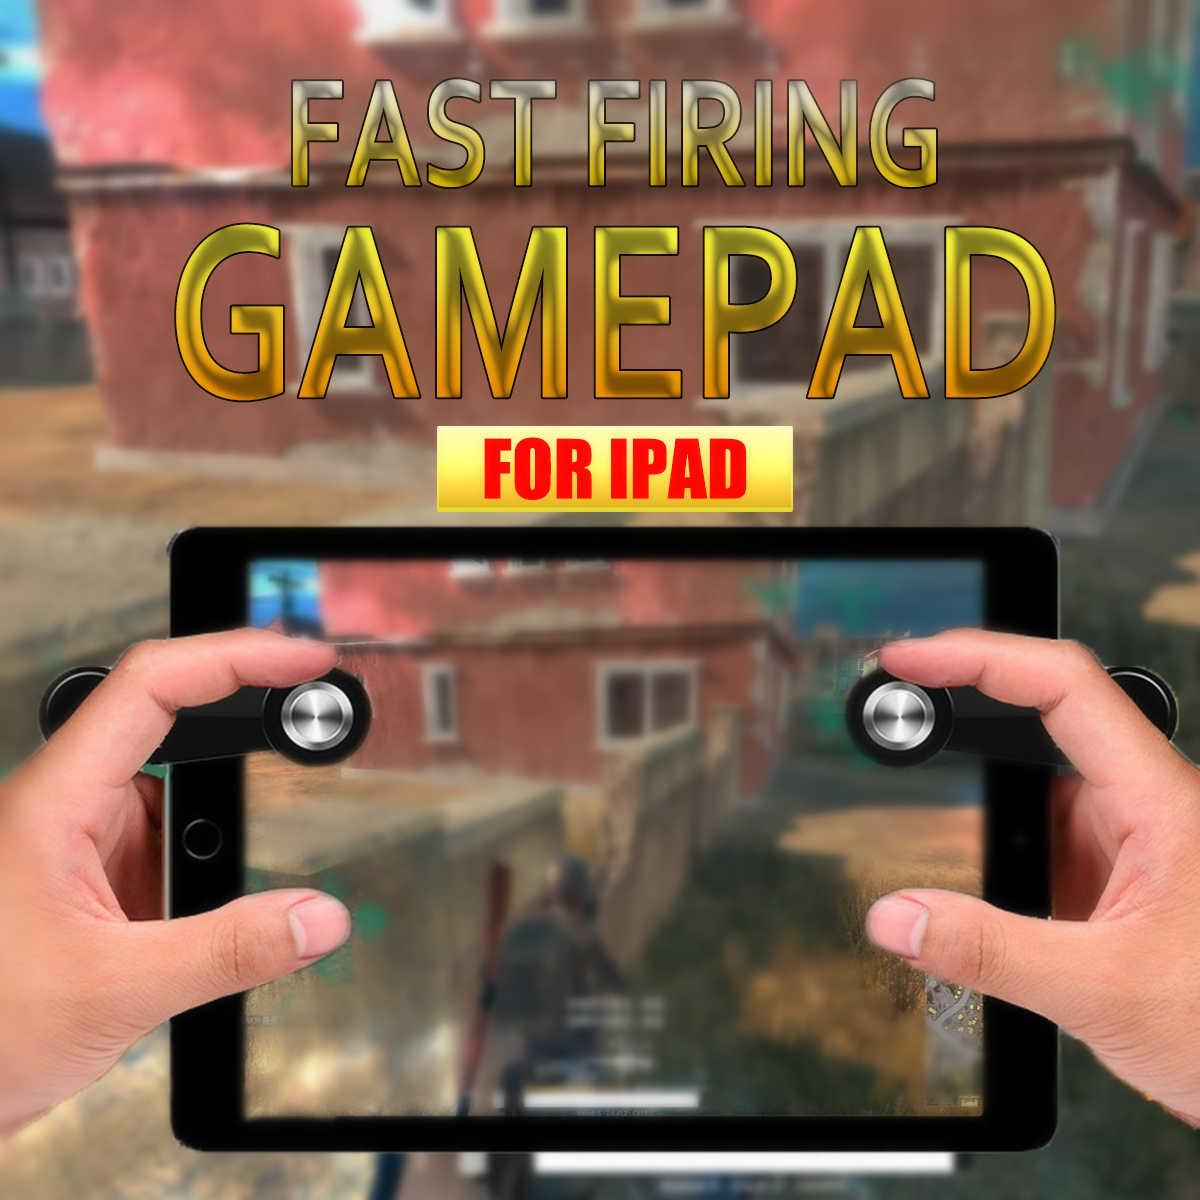 1 шт. для мобильного игрового планшета PUBG джойстик сенсорная игровая кнопочный джойстик для быстрой стрельбы геймпад для iPad